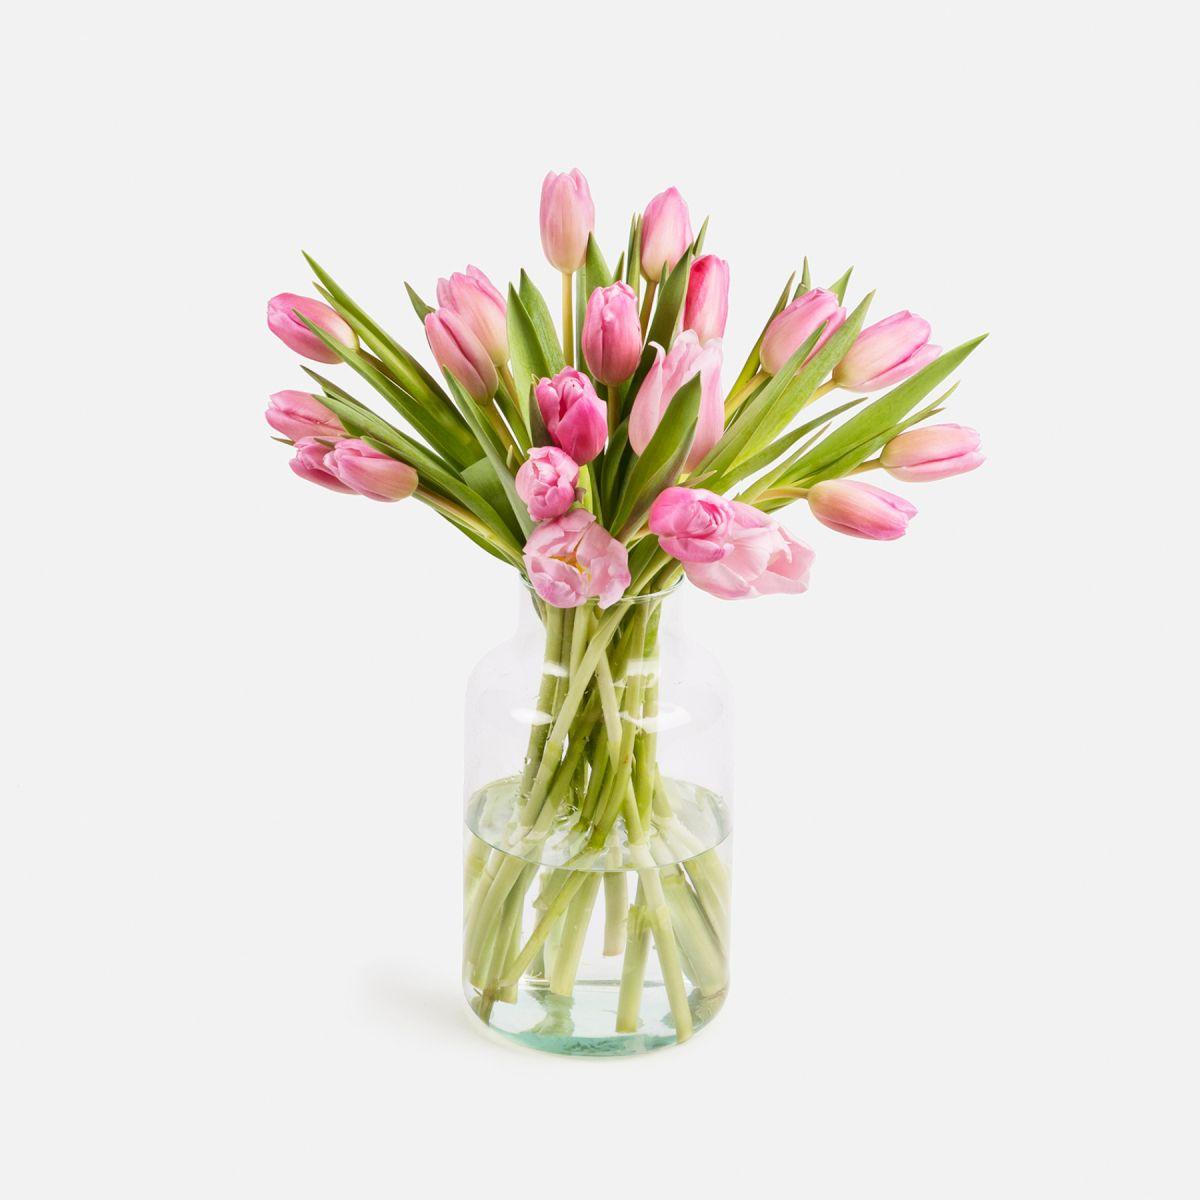 Mazzo di Tulipani Rosa - Rose Quartz - Fiori a domicilio - Colvin